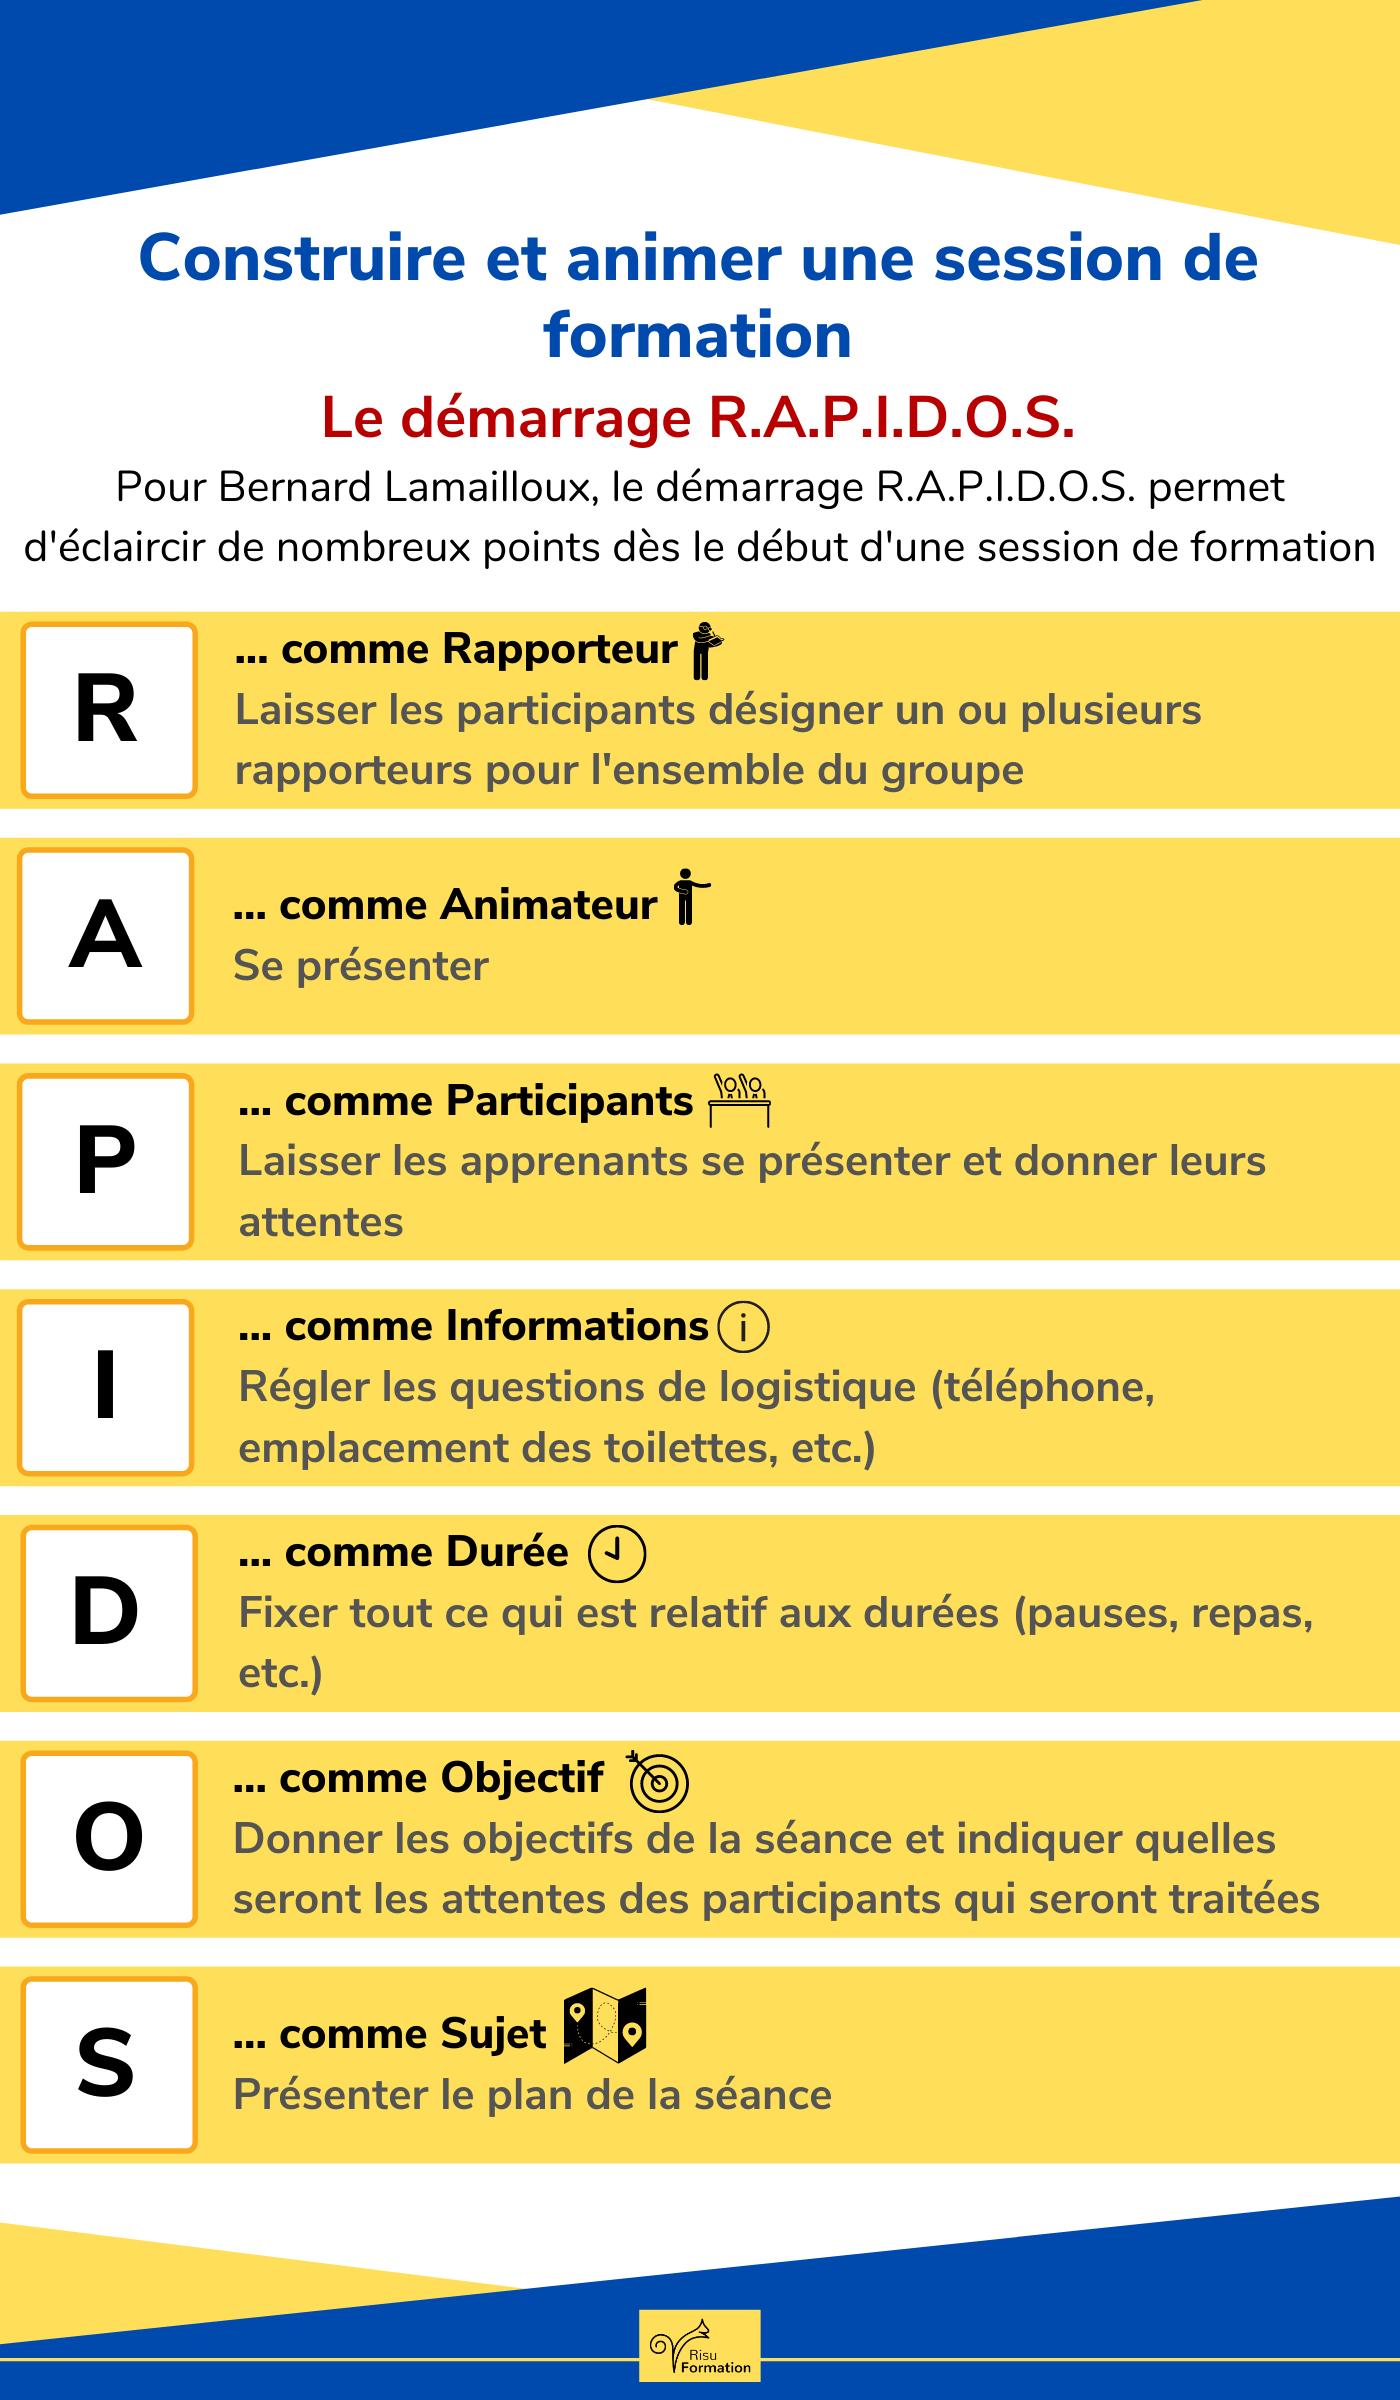 Infographie de la semaine : le démarrage RAPIDOS